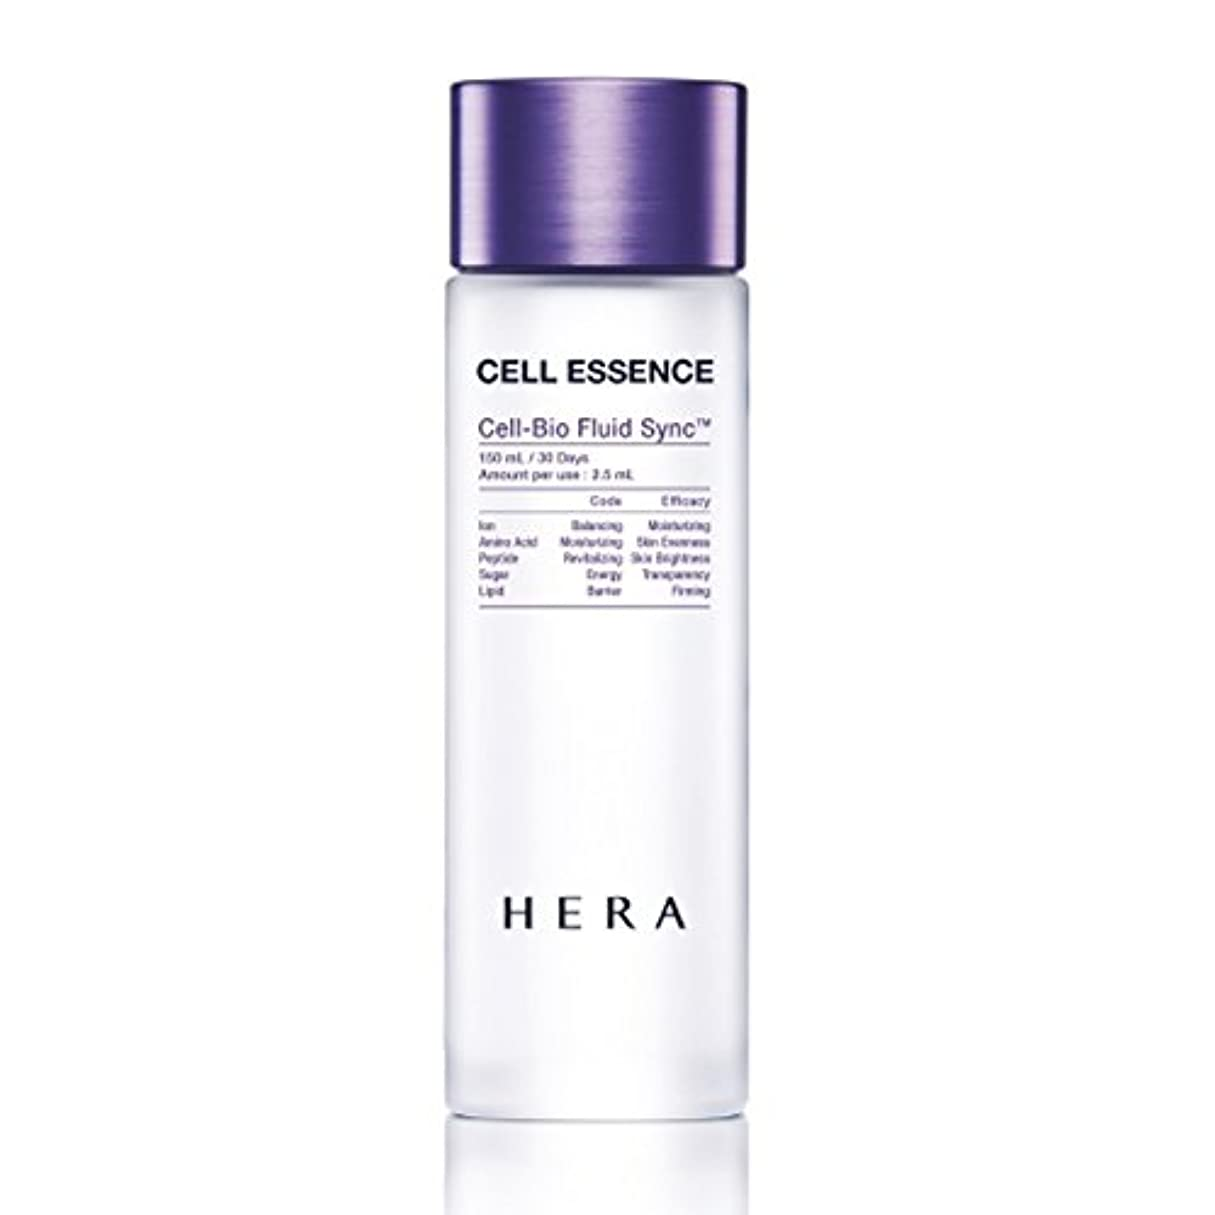 エコー興奮フライカイト[ヘラ/HERA]HERA CELL ESSENCE/ヘラ セル エッセンス 150ml【美容液】(海外直送品)